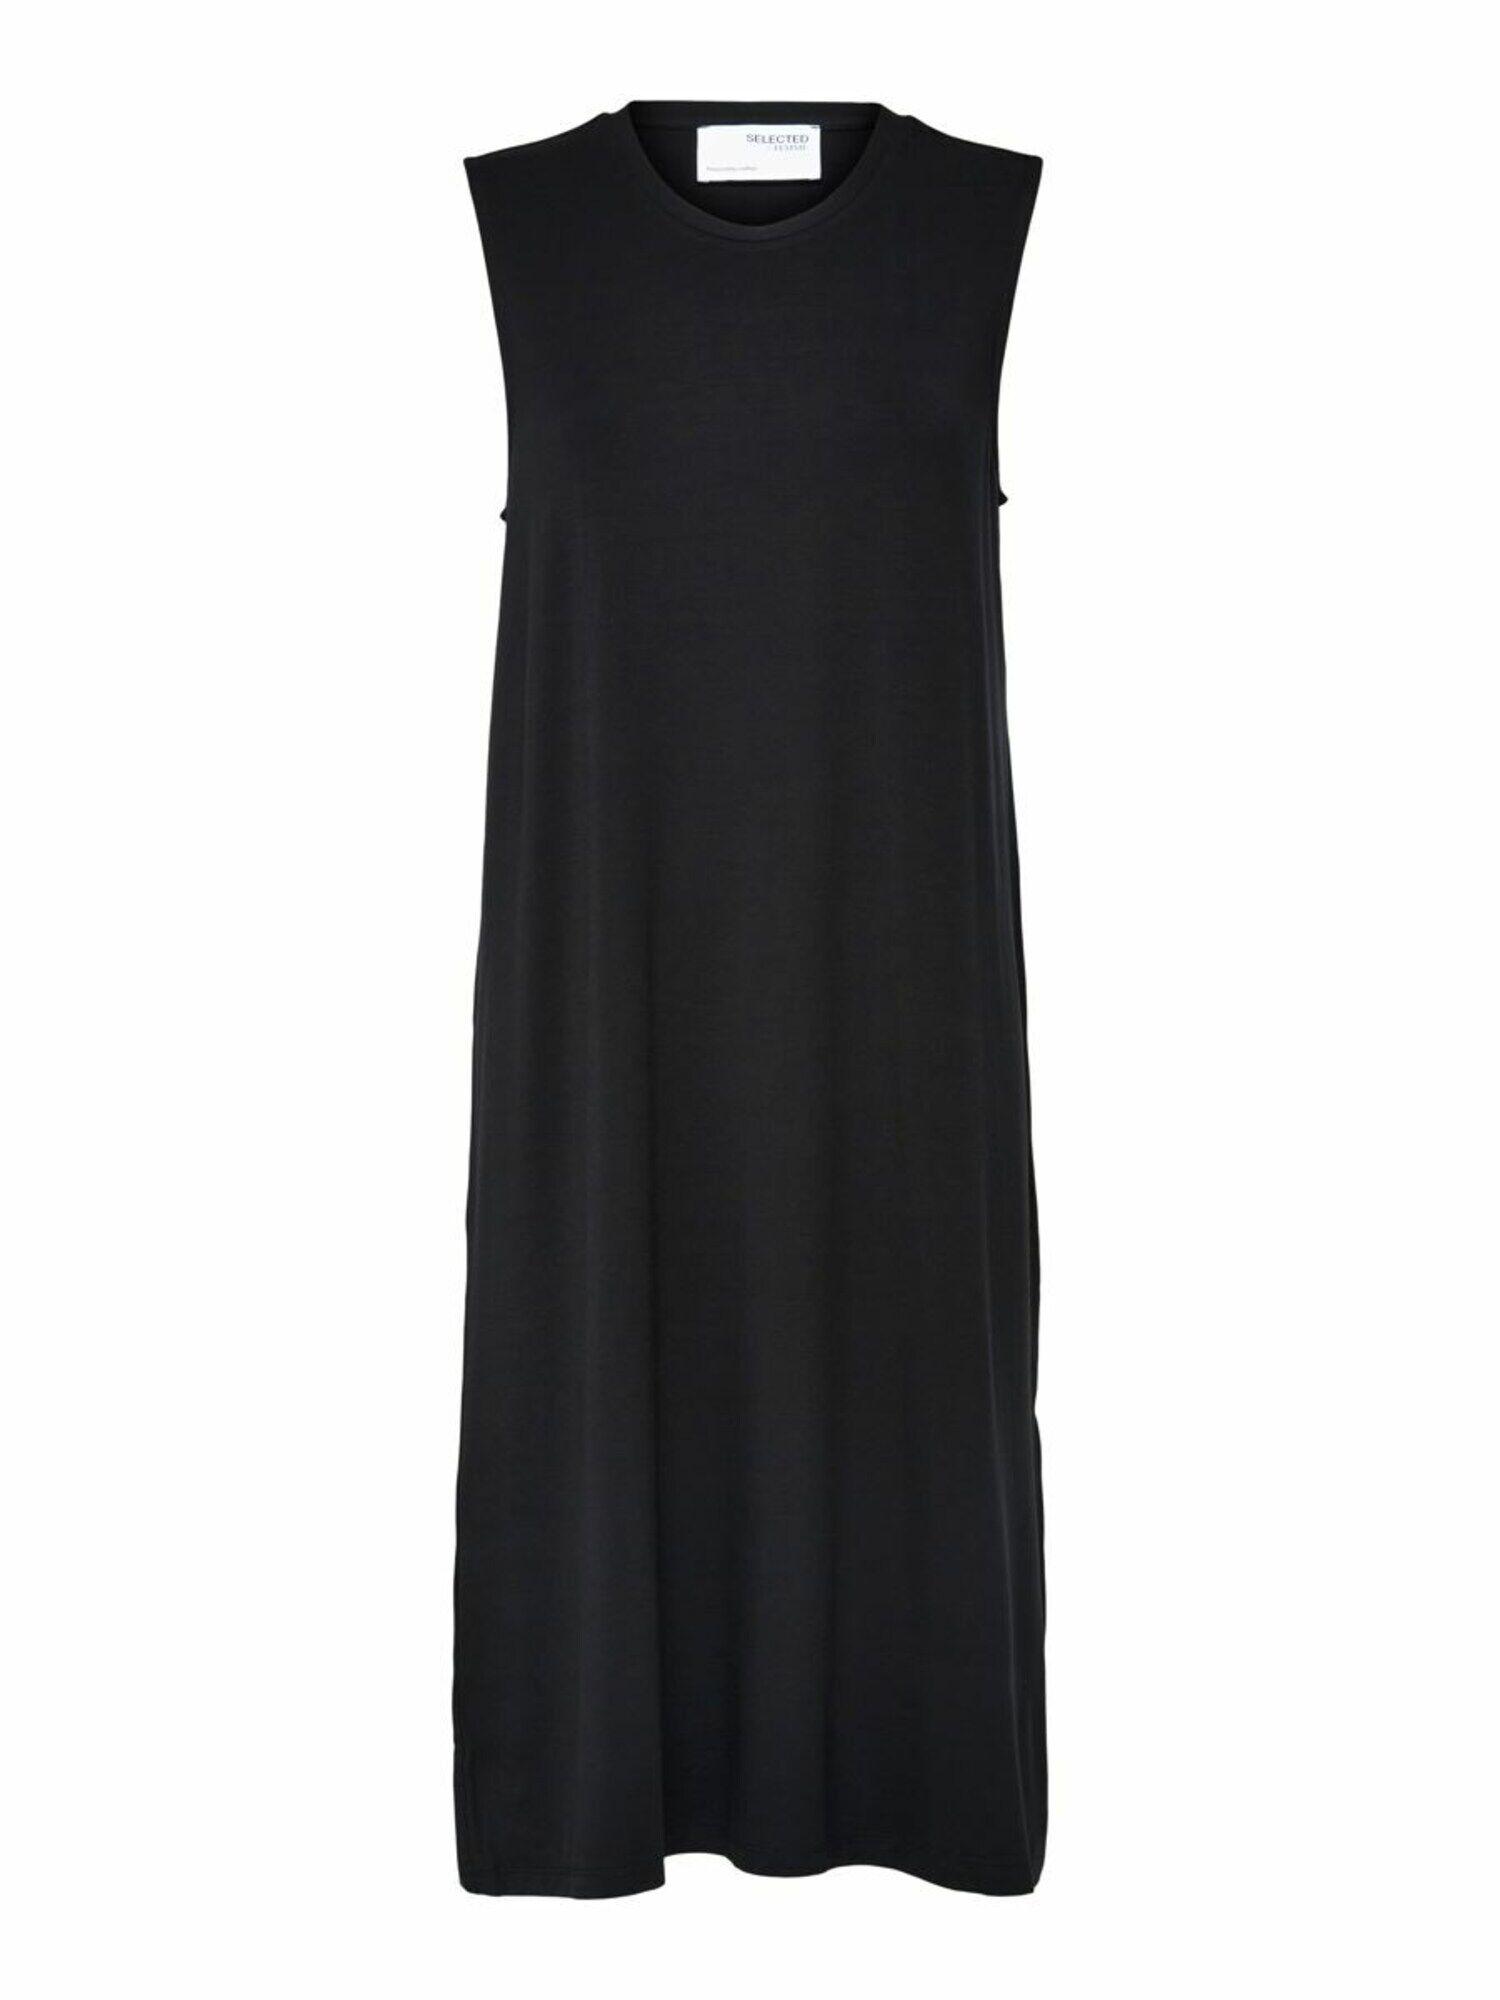 SELECTED FEMME Vêtement de plage 'SLFGIA'  - Noir - Taille: XS - female